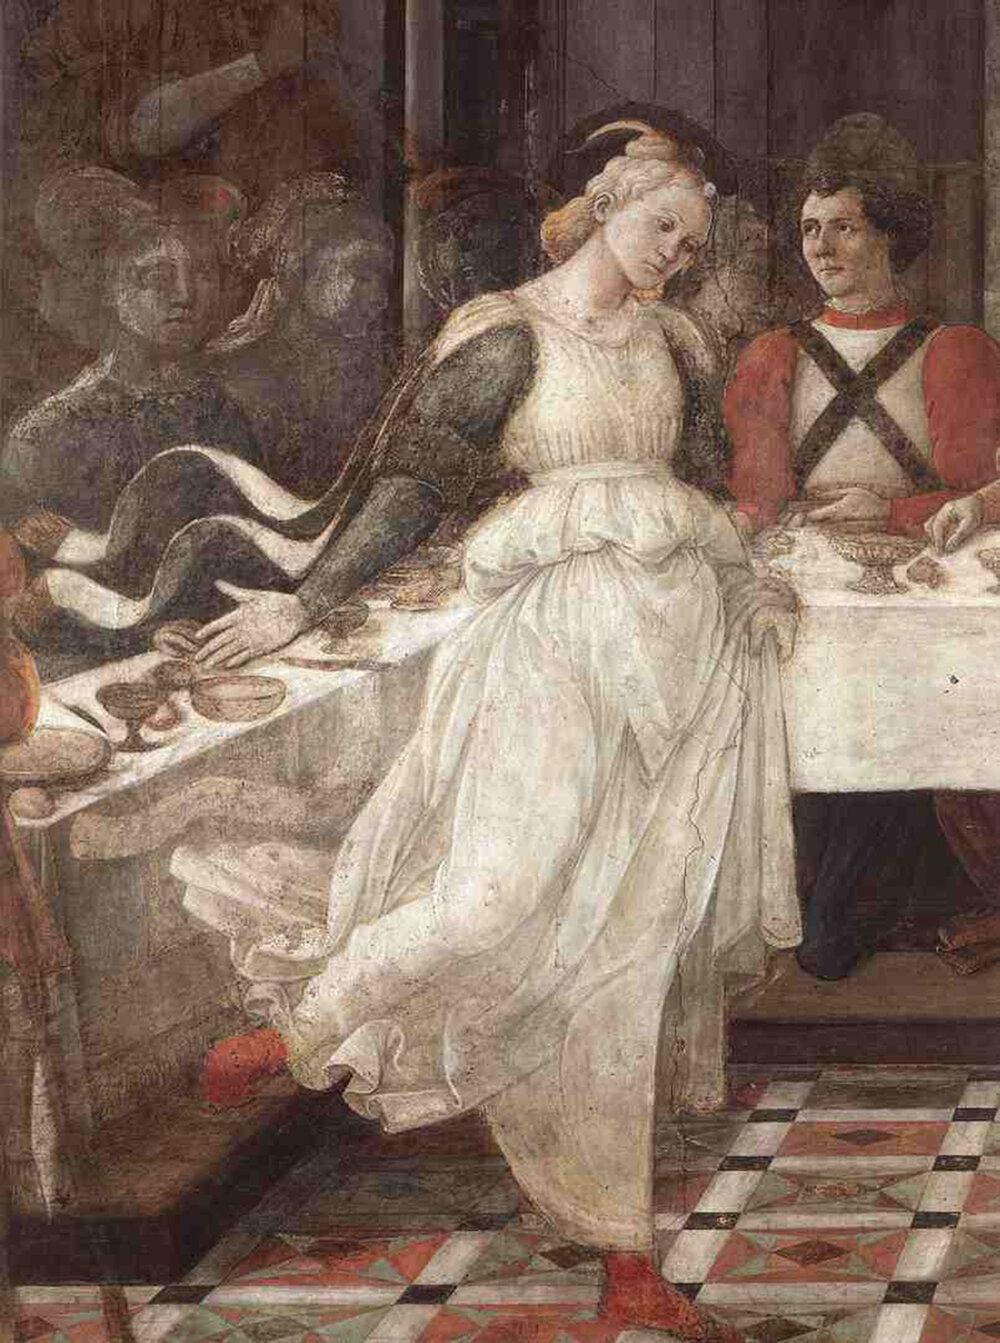 Філіппо Ліппі, «Лукреція Буті» (частина фрески), 1452–1465, Собор Прато, (Прато, Італія)